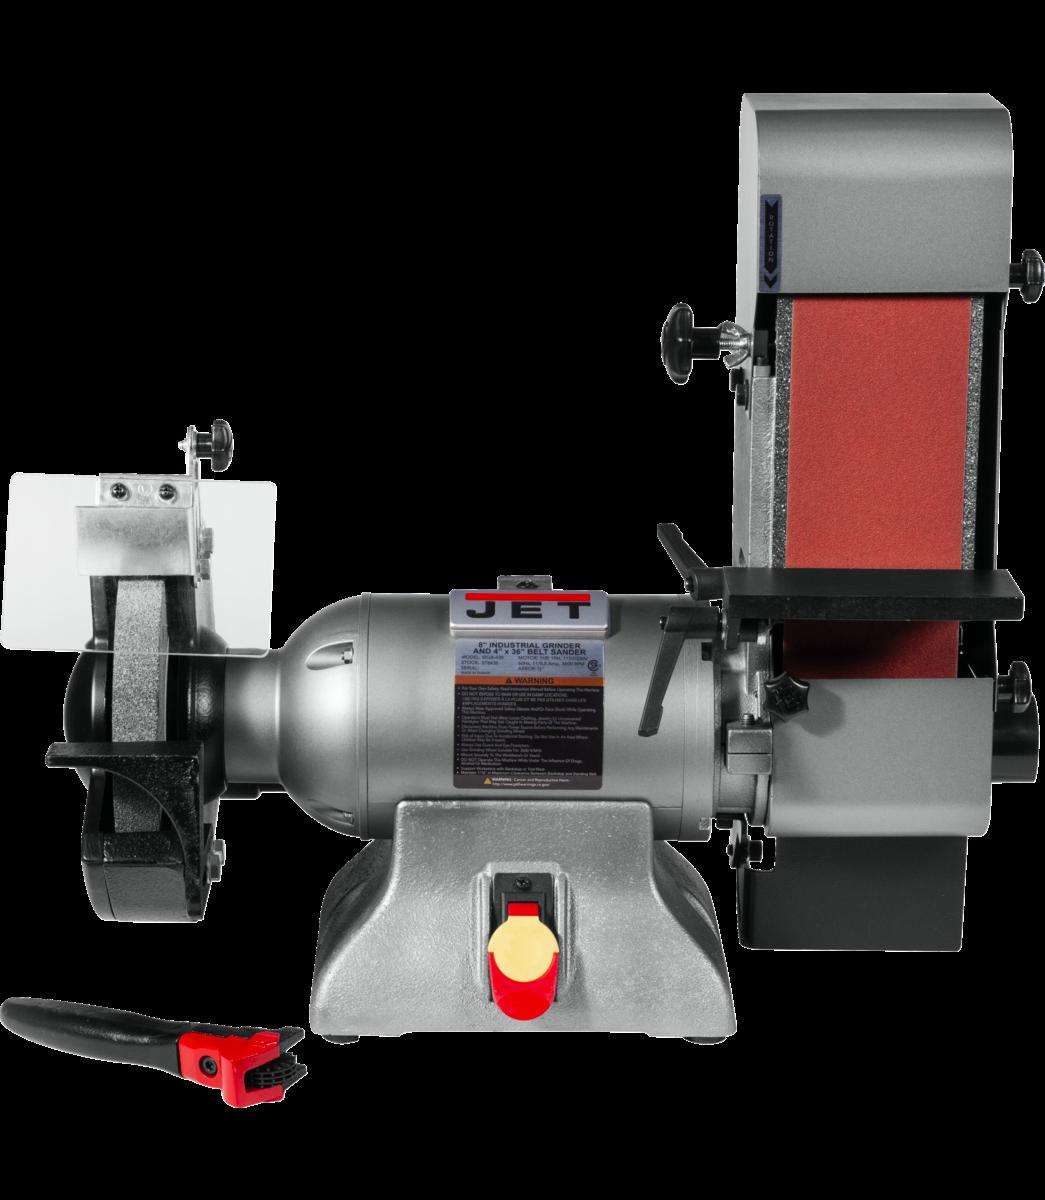 IBGB-436 8-Inch Industrial Grinder and  4 x 36 Belt Sander